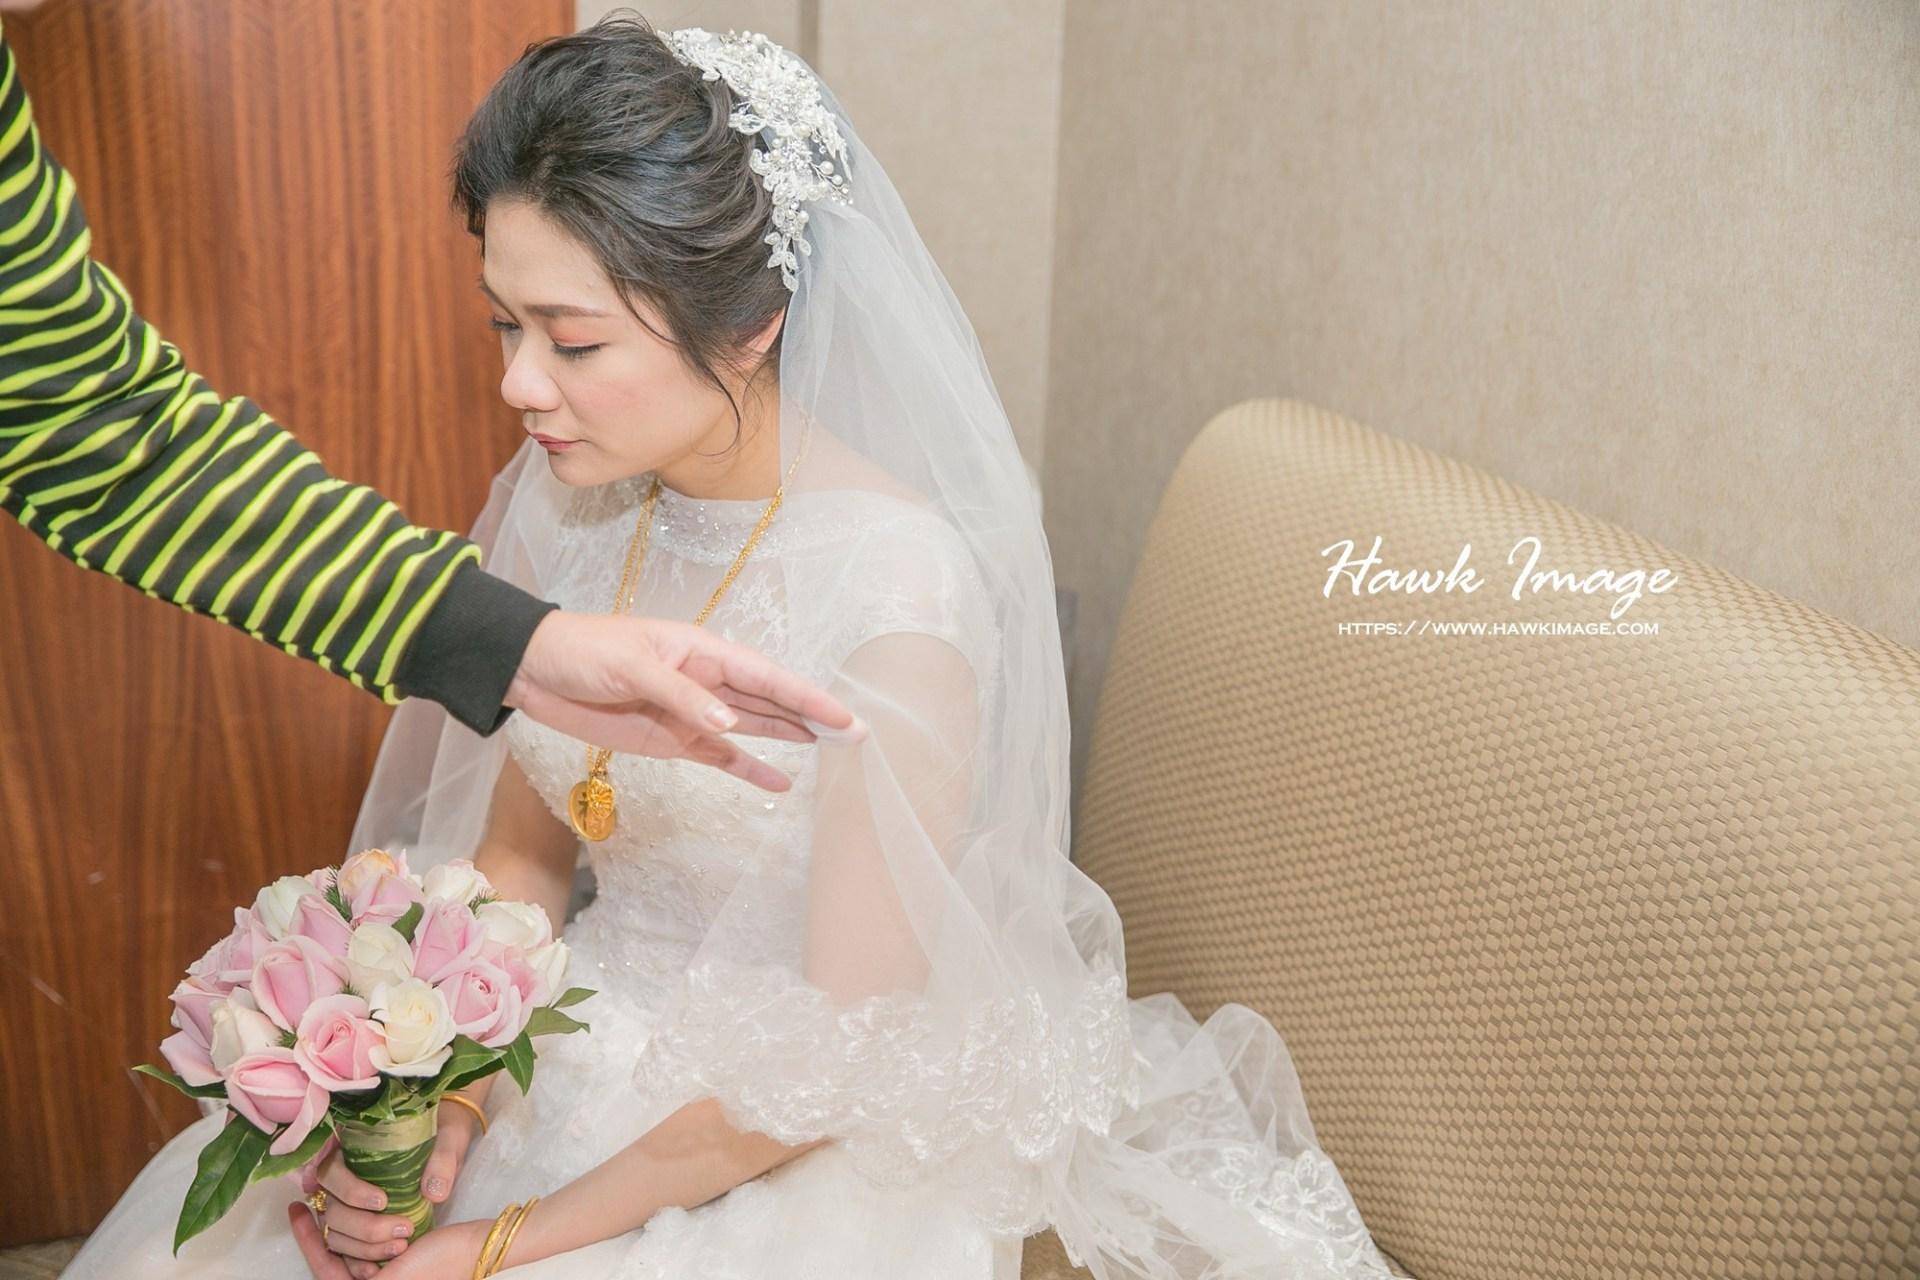 婚禮攝影,婚攝,婚禮記錄,婚禮紀實,結婚攝影,結婚拍攝,婚禮錄影,婚禮攝錄,婚錄,婚攝推薦,婚禮攝影價格,婚禮攝影推薦,婚攝價格